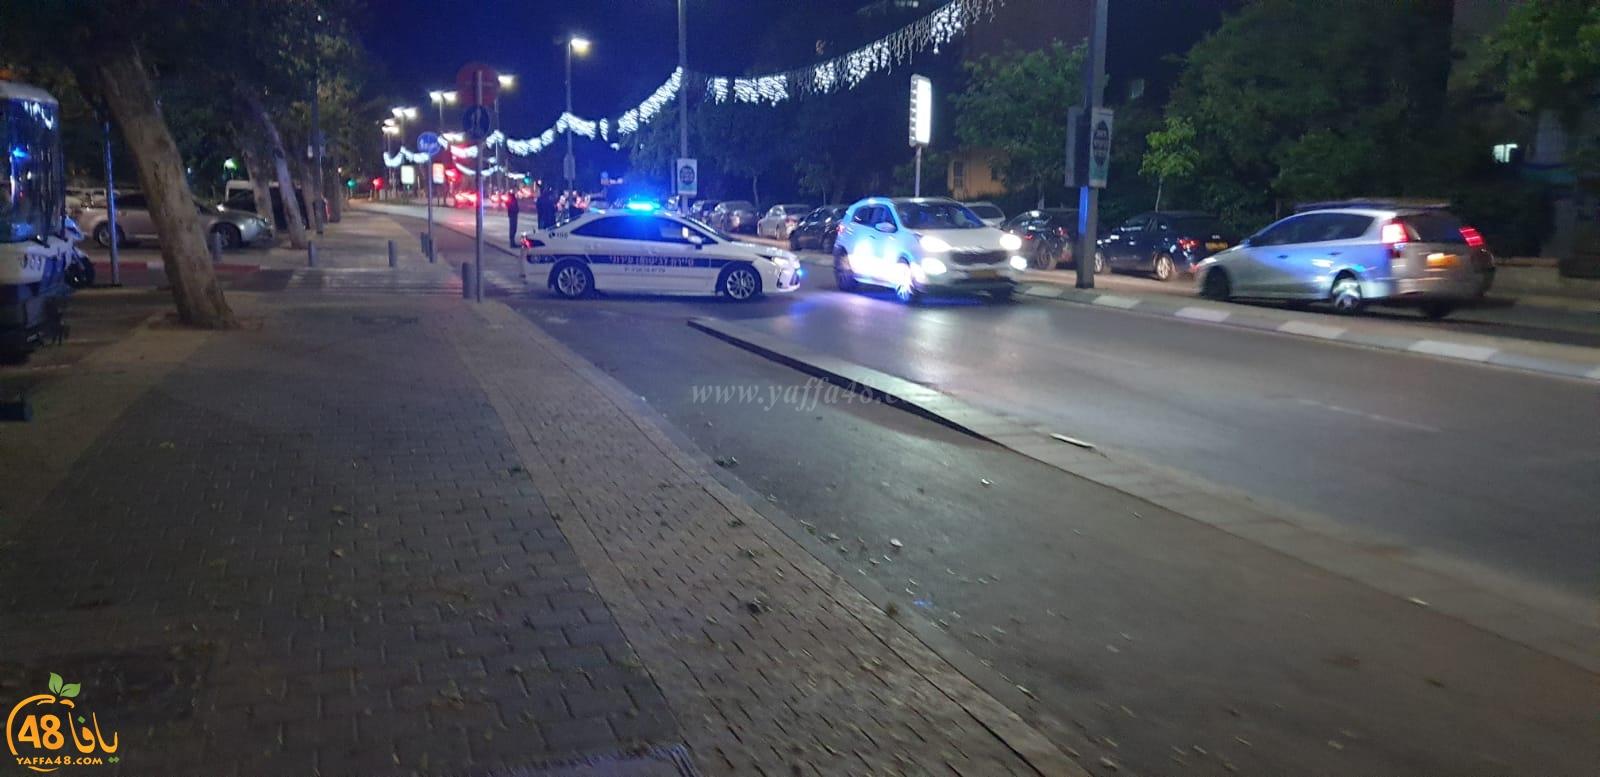 حملة كبيرة لشرطة السير والبلدية لتحرير مخالفات في شوارع يافا